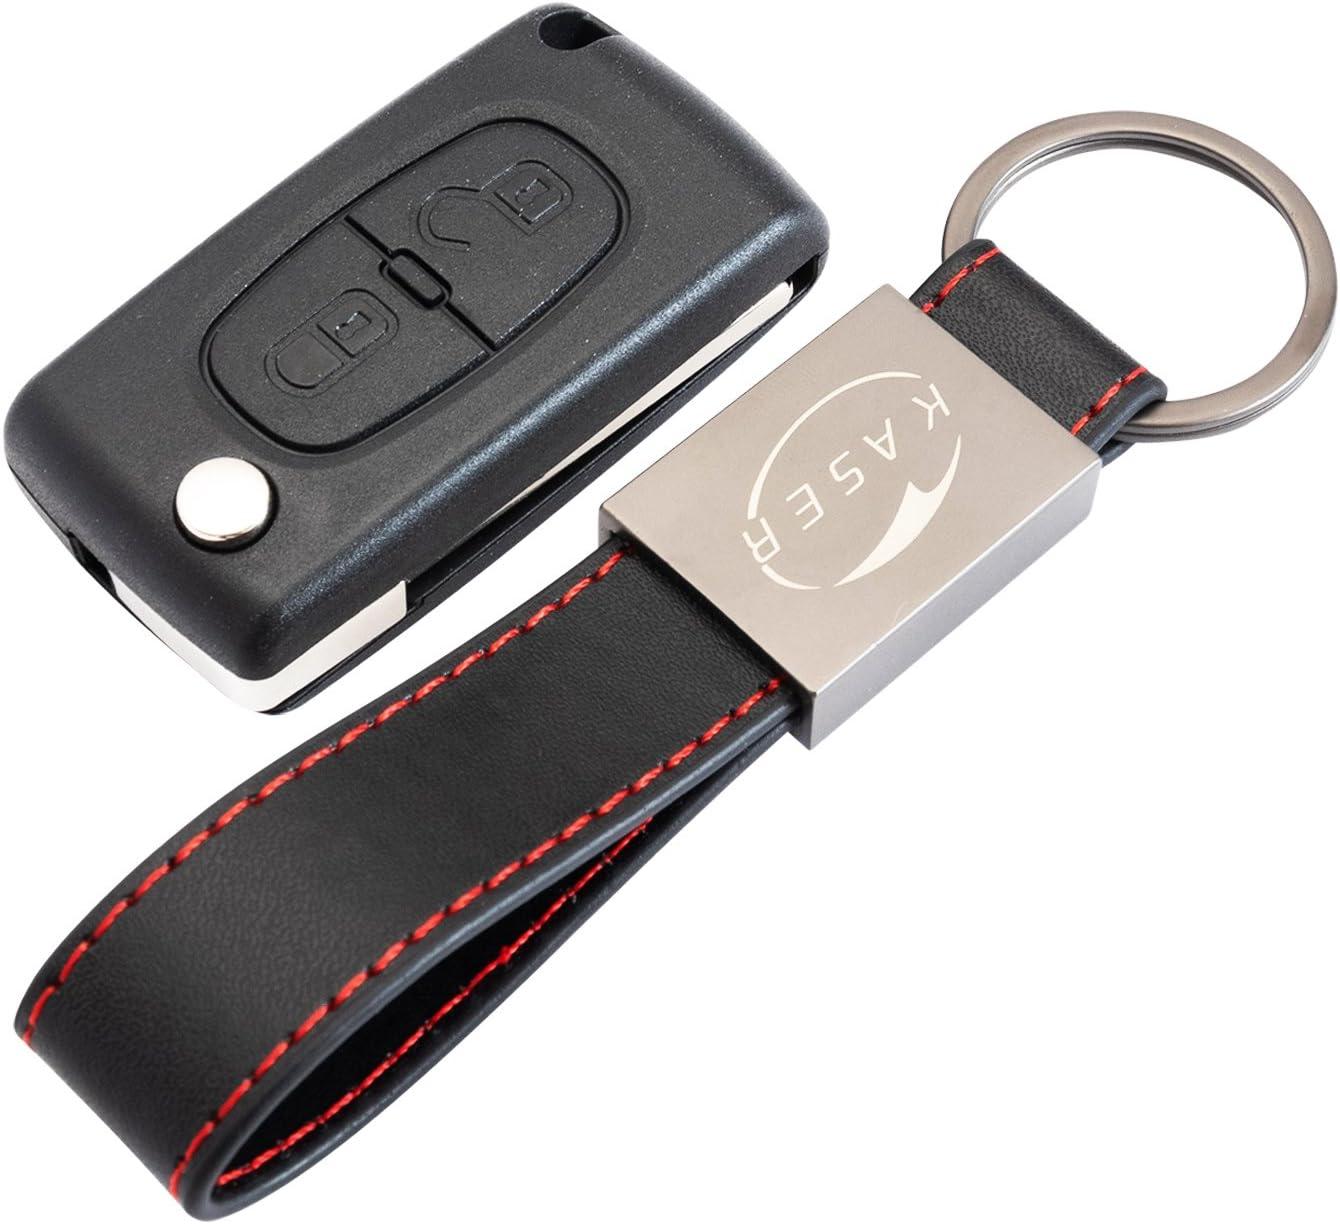 Schlüssel Gehäuse Fernbedienung Für Peugeot 2 Tasten Elektronik